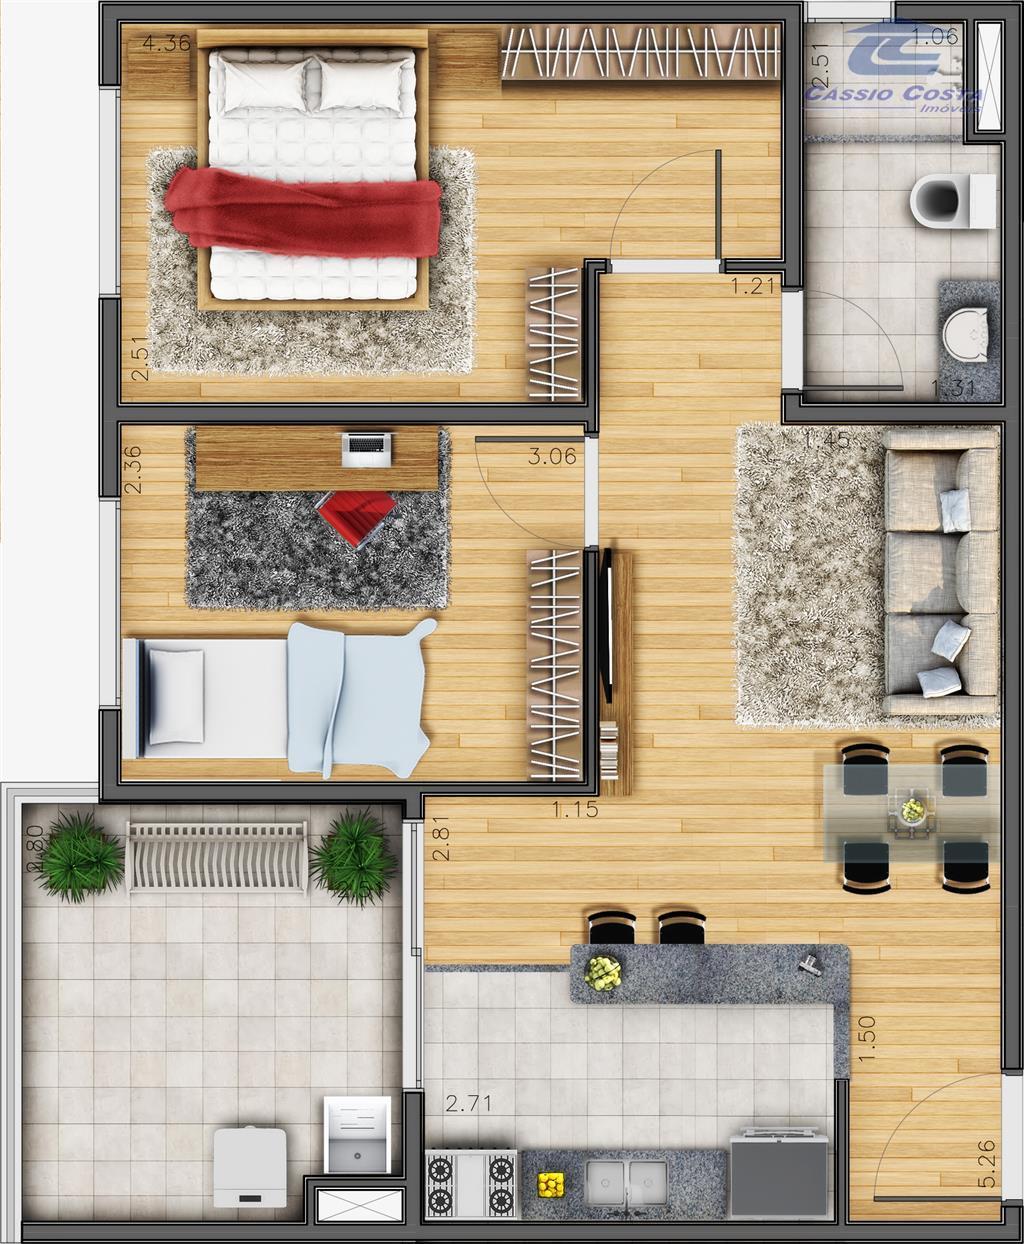 apartamentos na penha, em localização privilegiada próximo à estação de metrô vila matilde, hospital são carlos,...